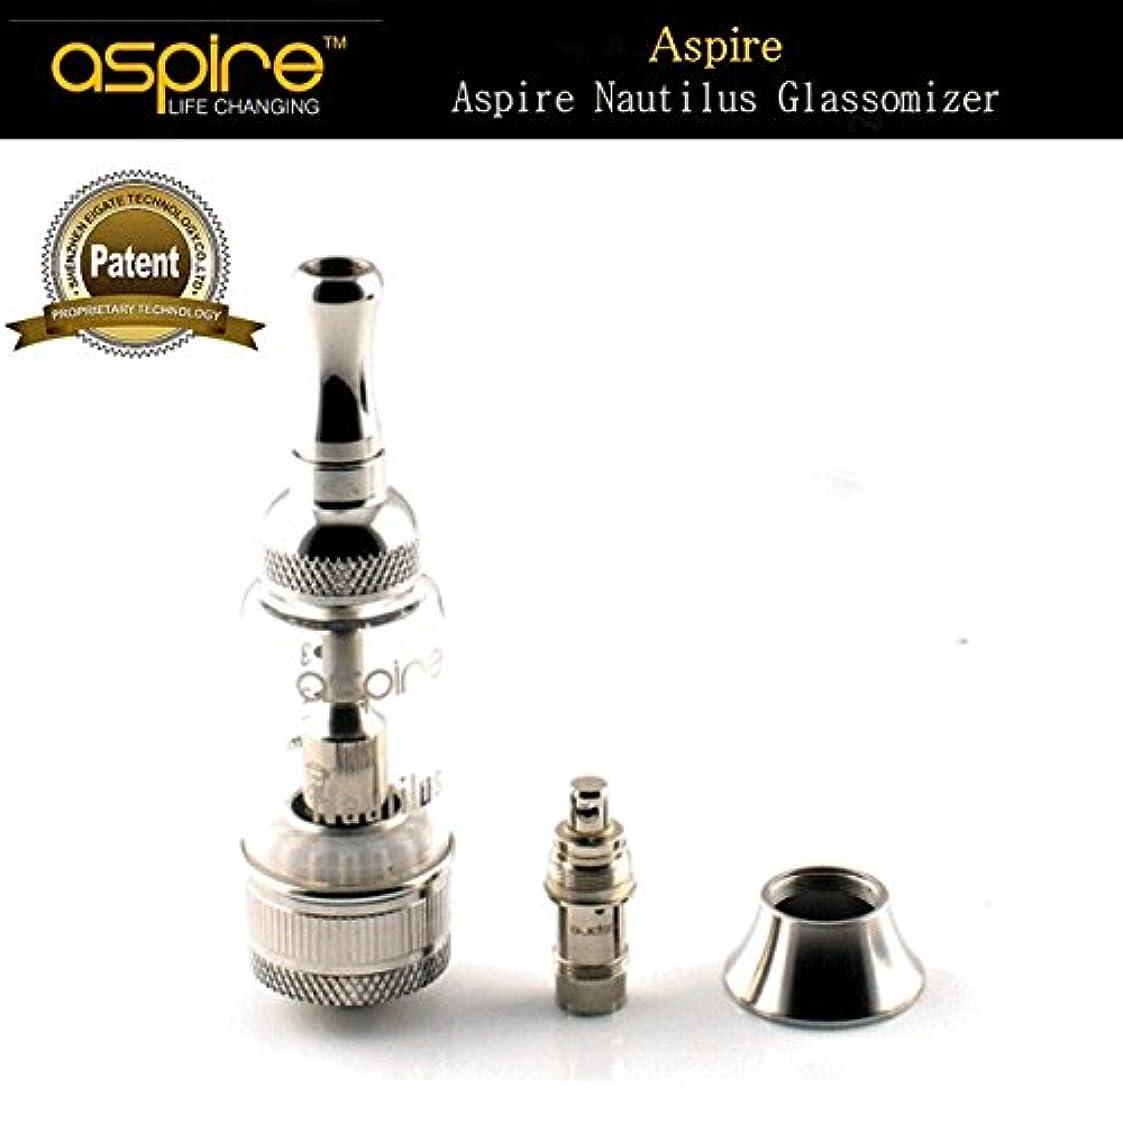 共産主義ギャロップ資料電子タバコ Aspire Nautilus Glassomizer アトマイザー